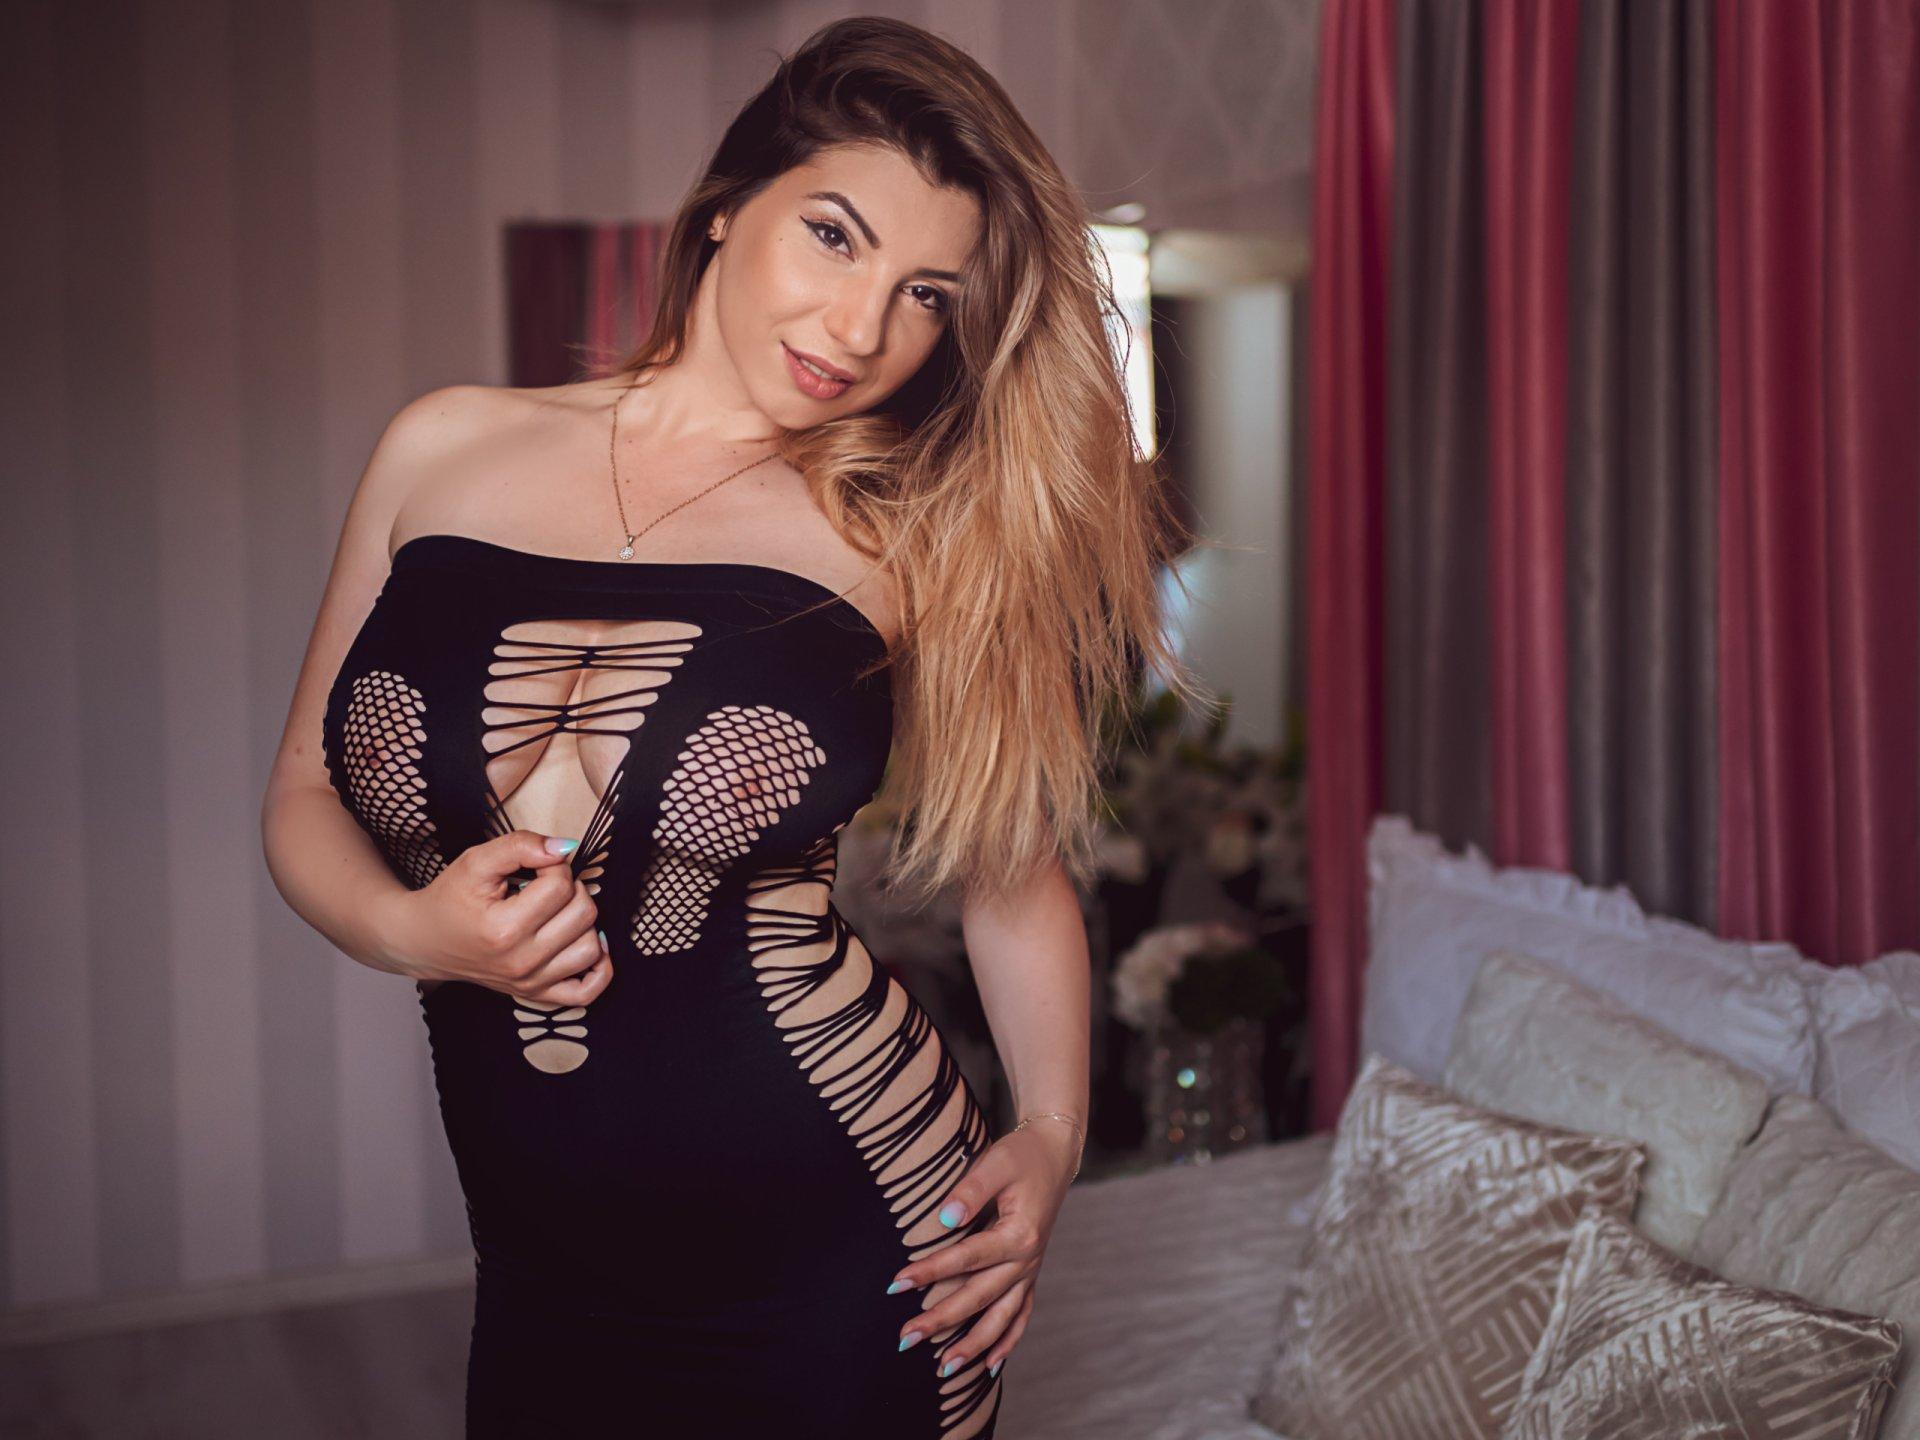 Un show 100% big boobs